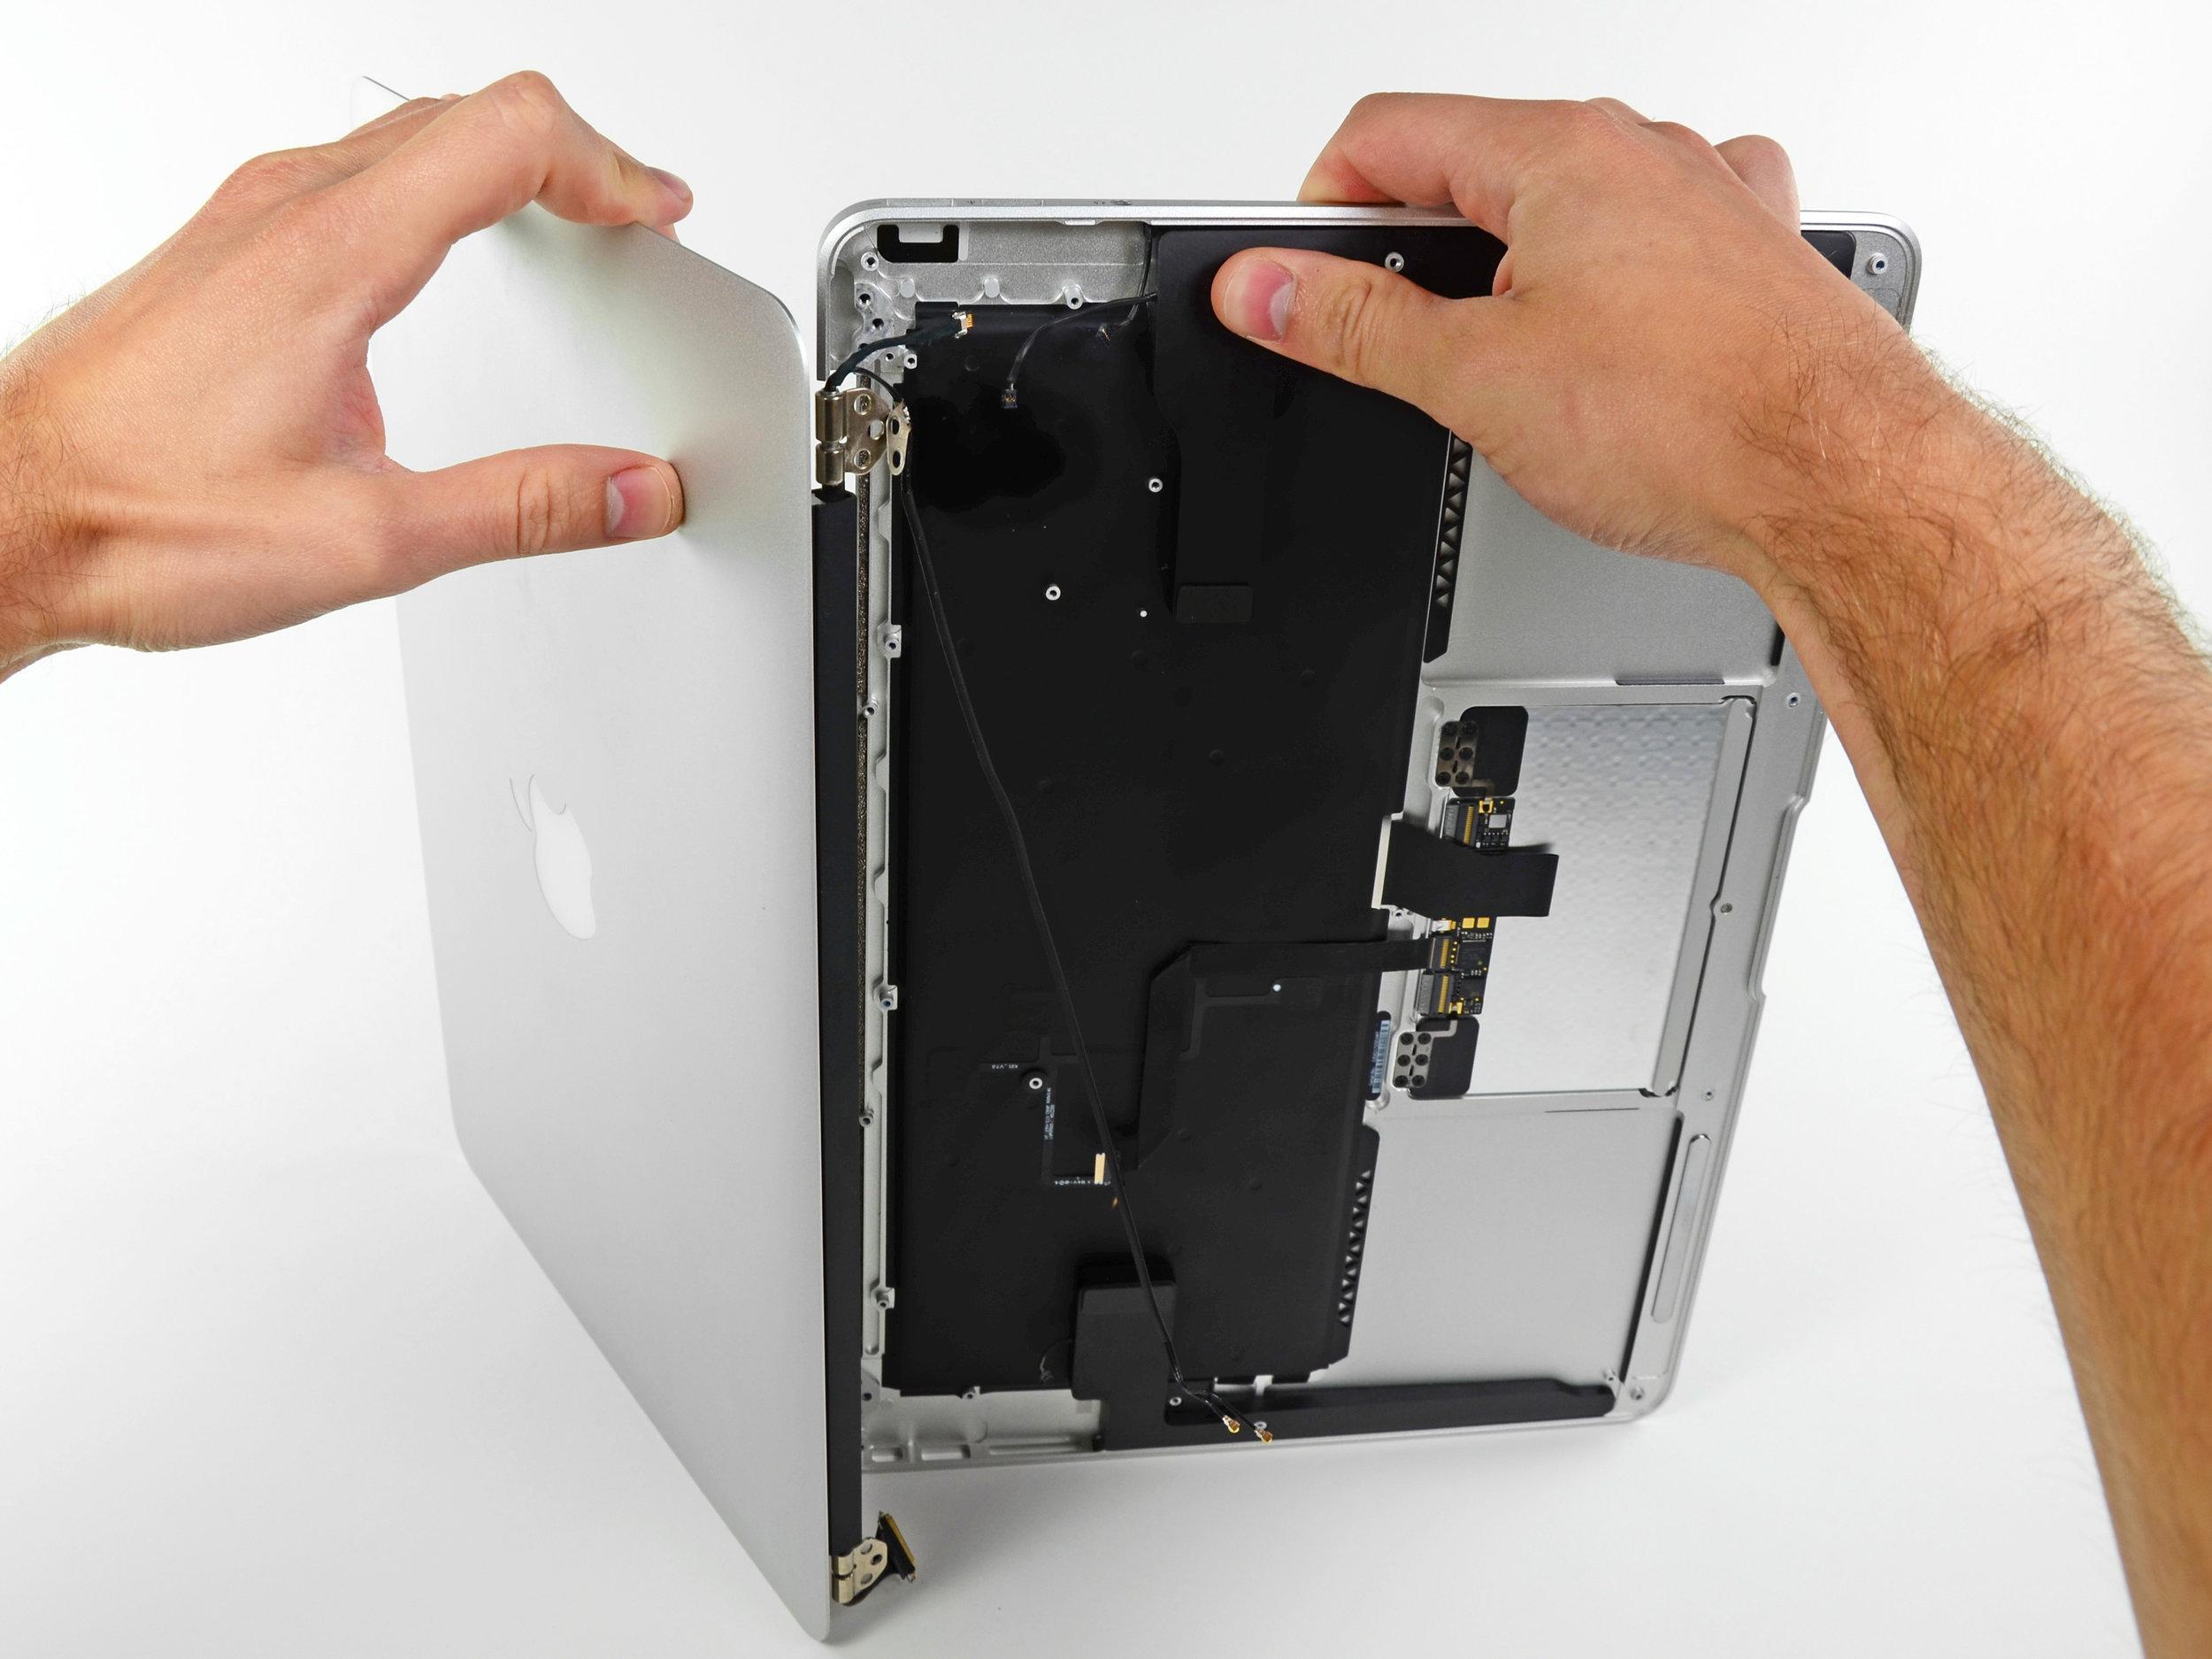 Laptop maintenance and repair